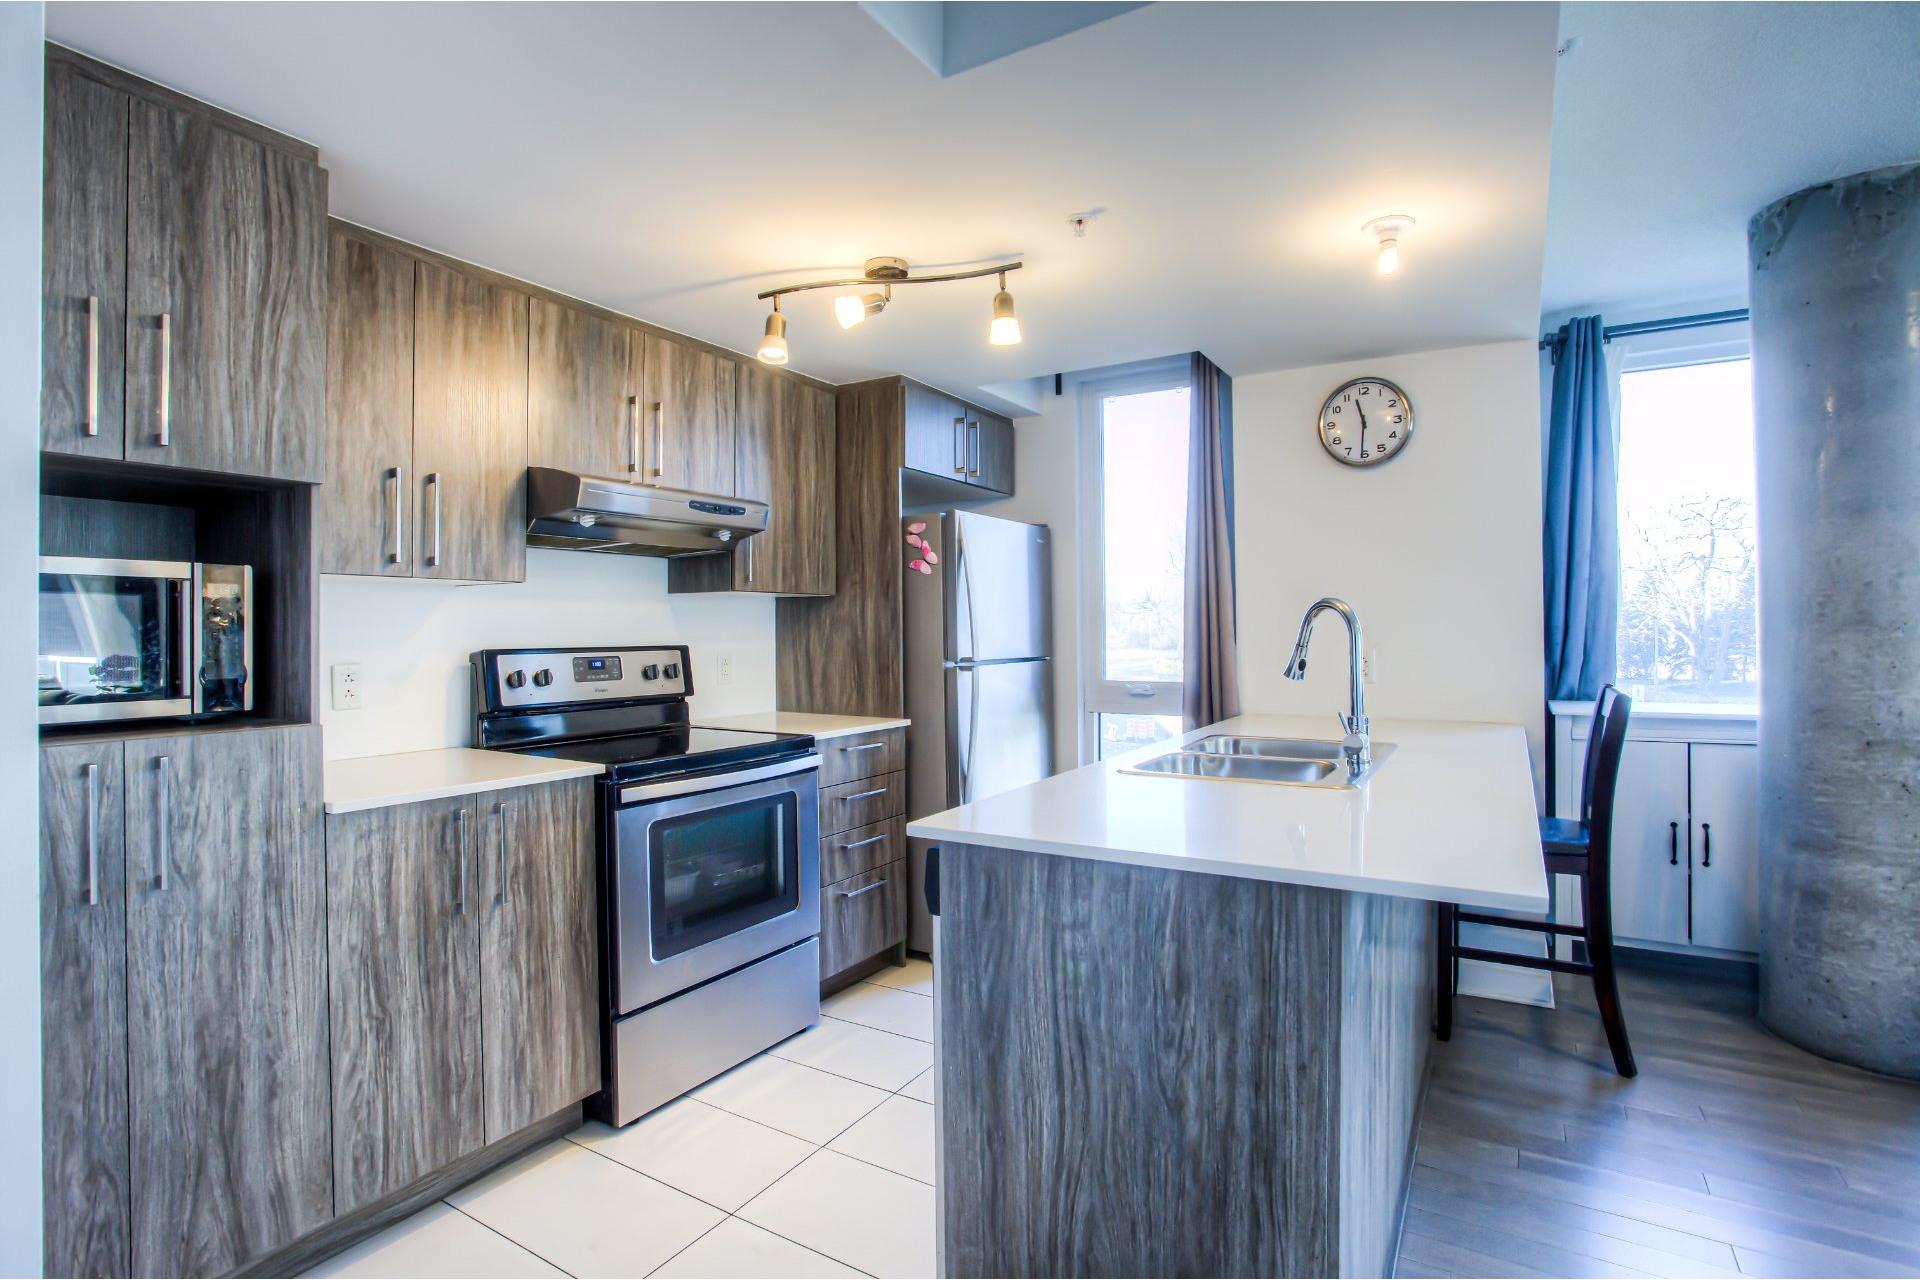 image 6 - Apartment For sale Ahuntsic-Cartierville Montréal  - 7 rooms